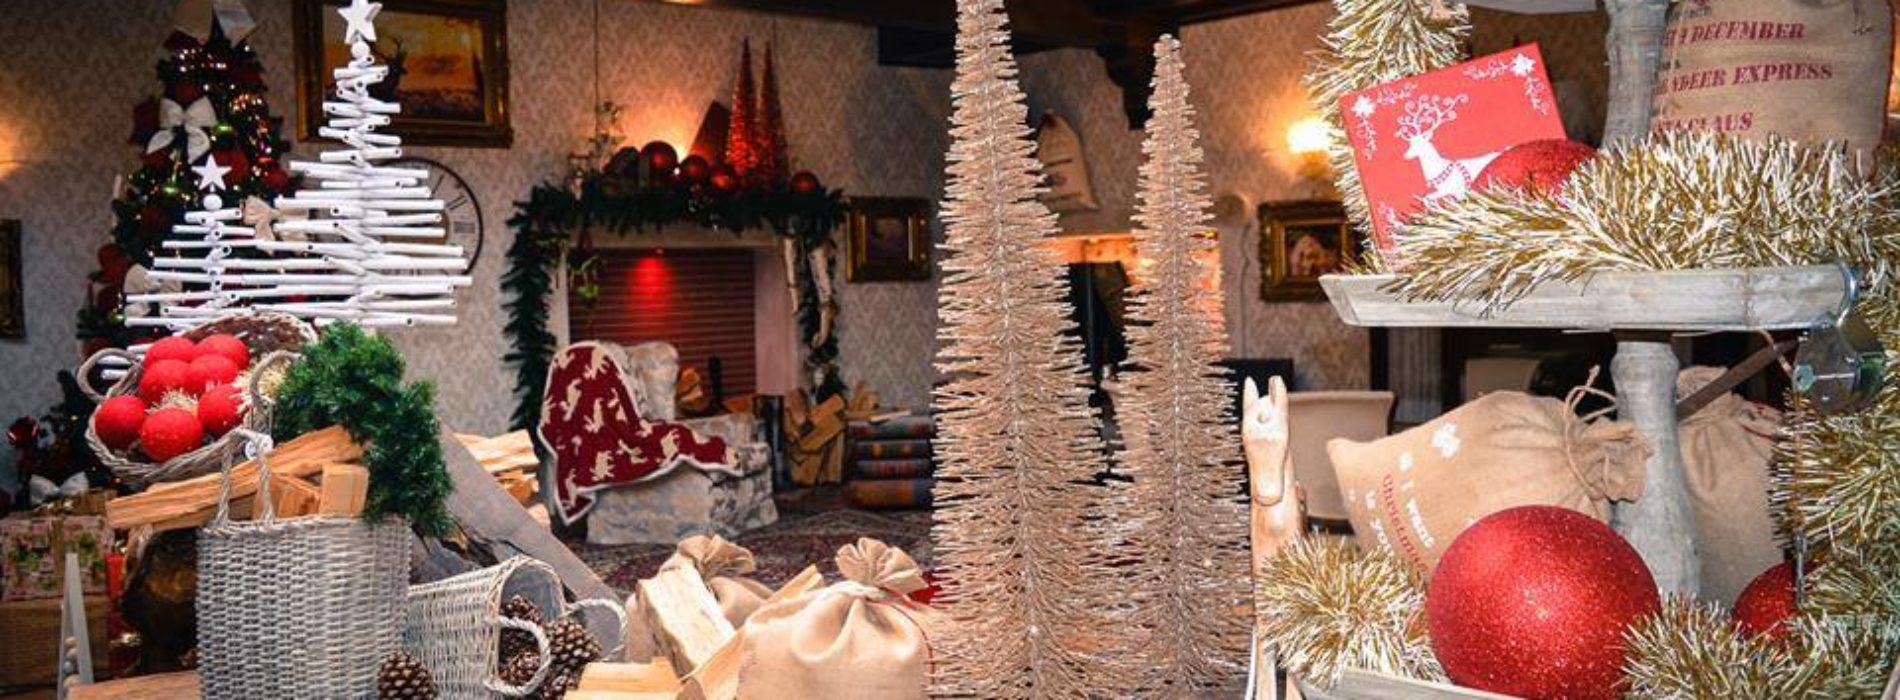 Valle del Natale: il parco acquatico di Torre del Greco si trasforma in un villaggio natalizio